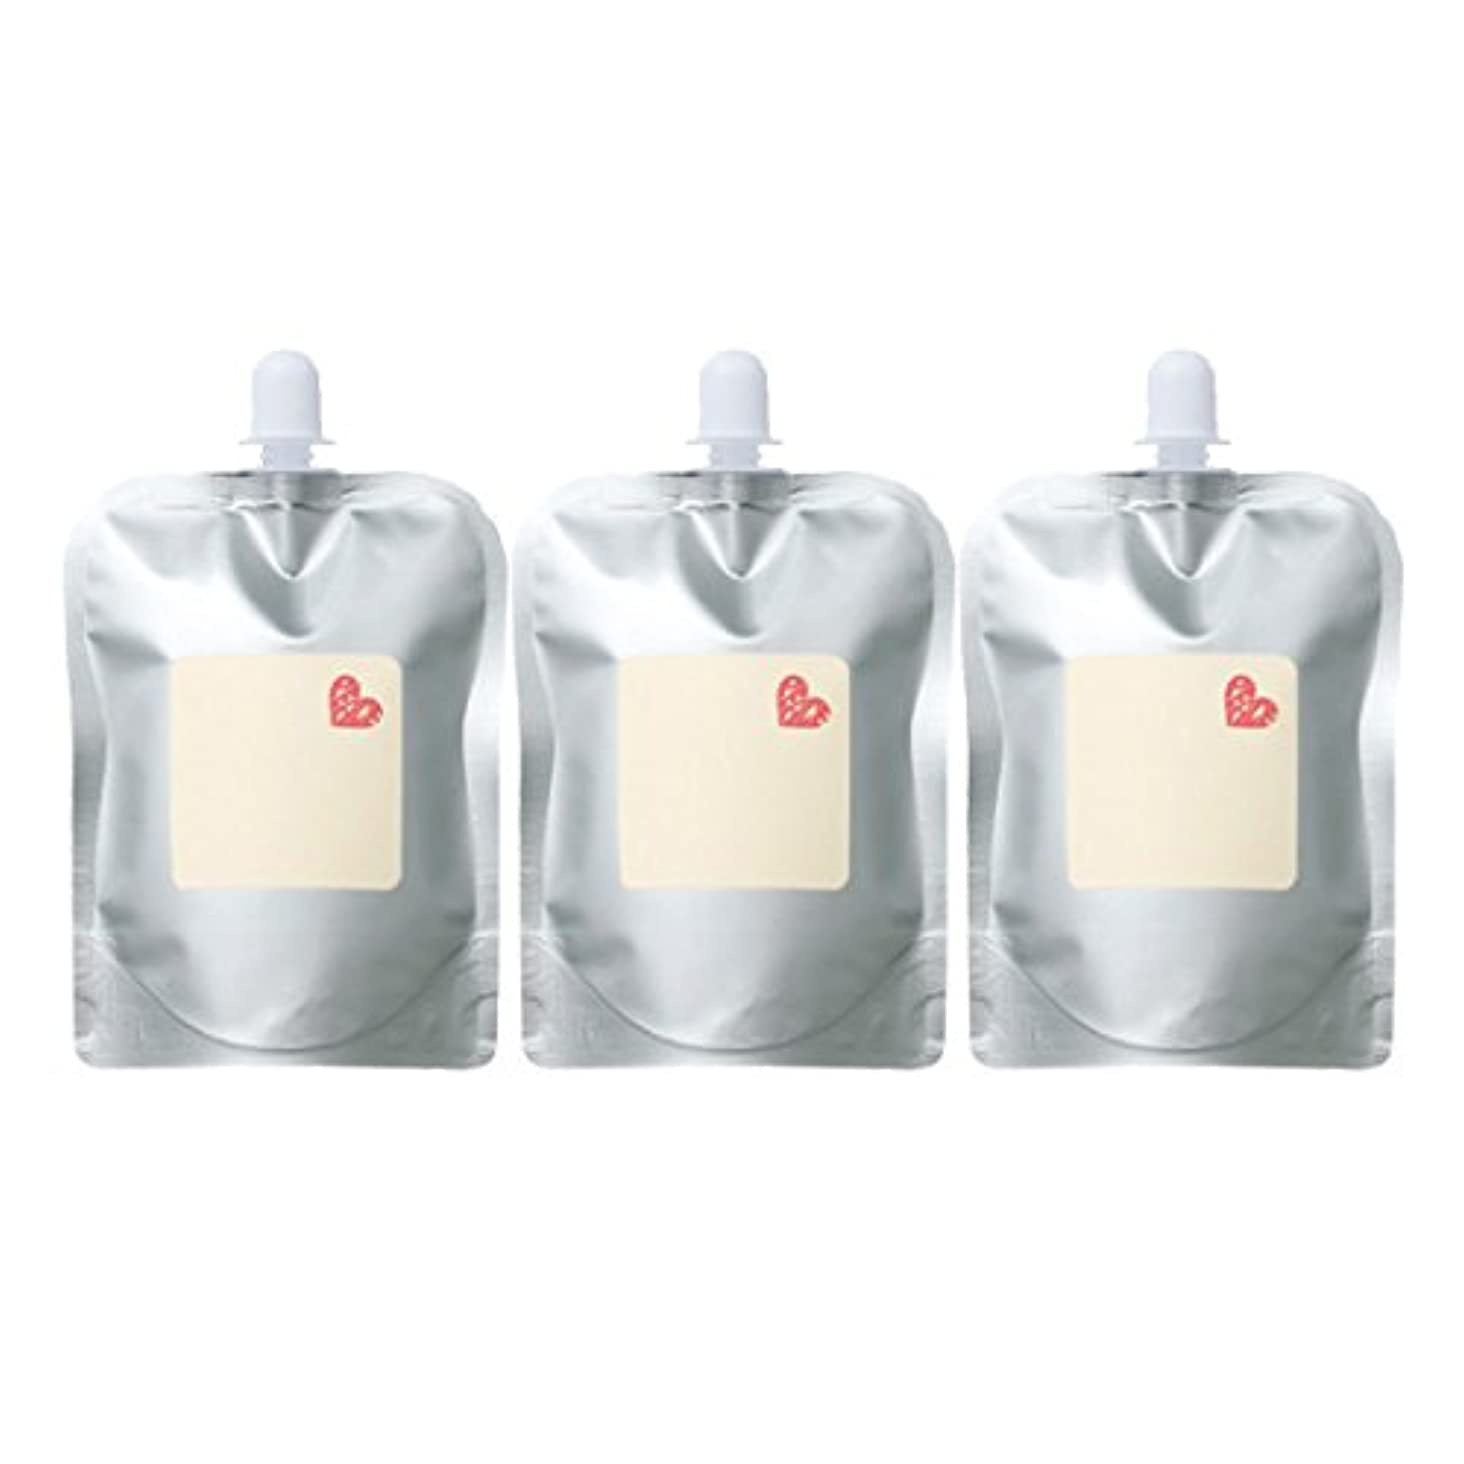 エンディング急行するパン【x3個セット】 アリミノ ピース ナチュラルウェーブ ホイップ 400g 詰替え用